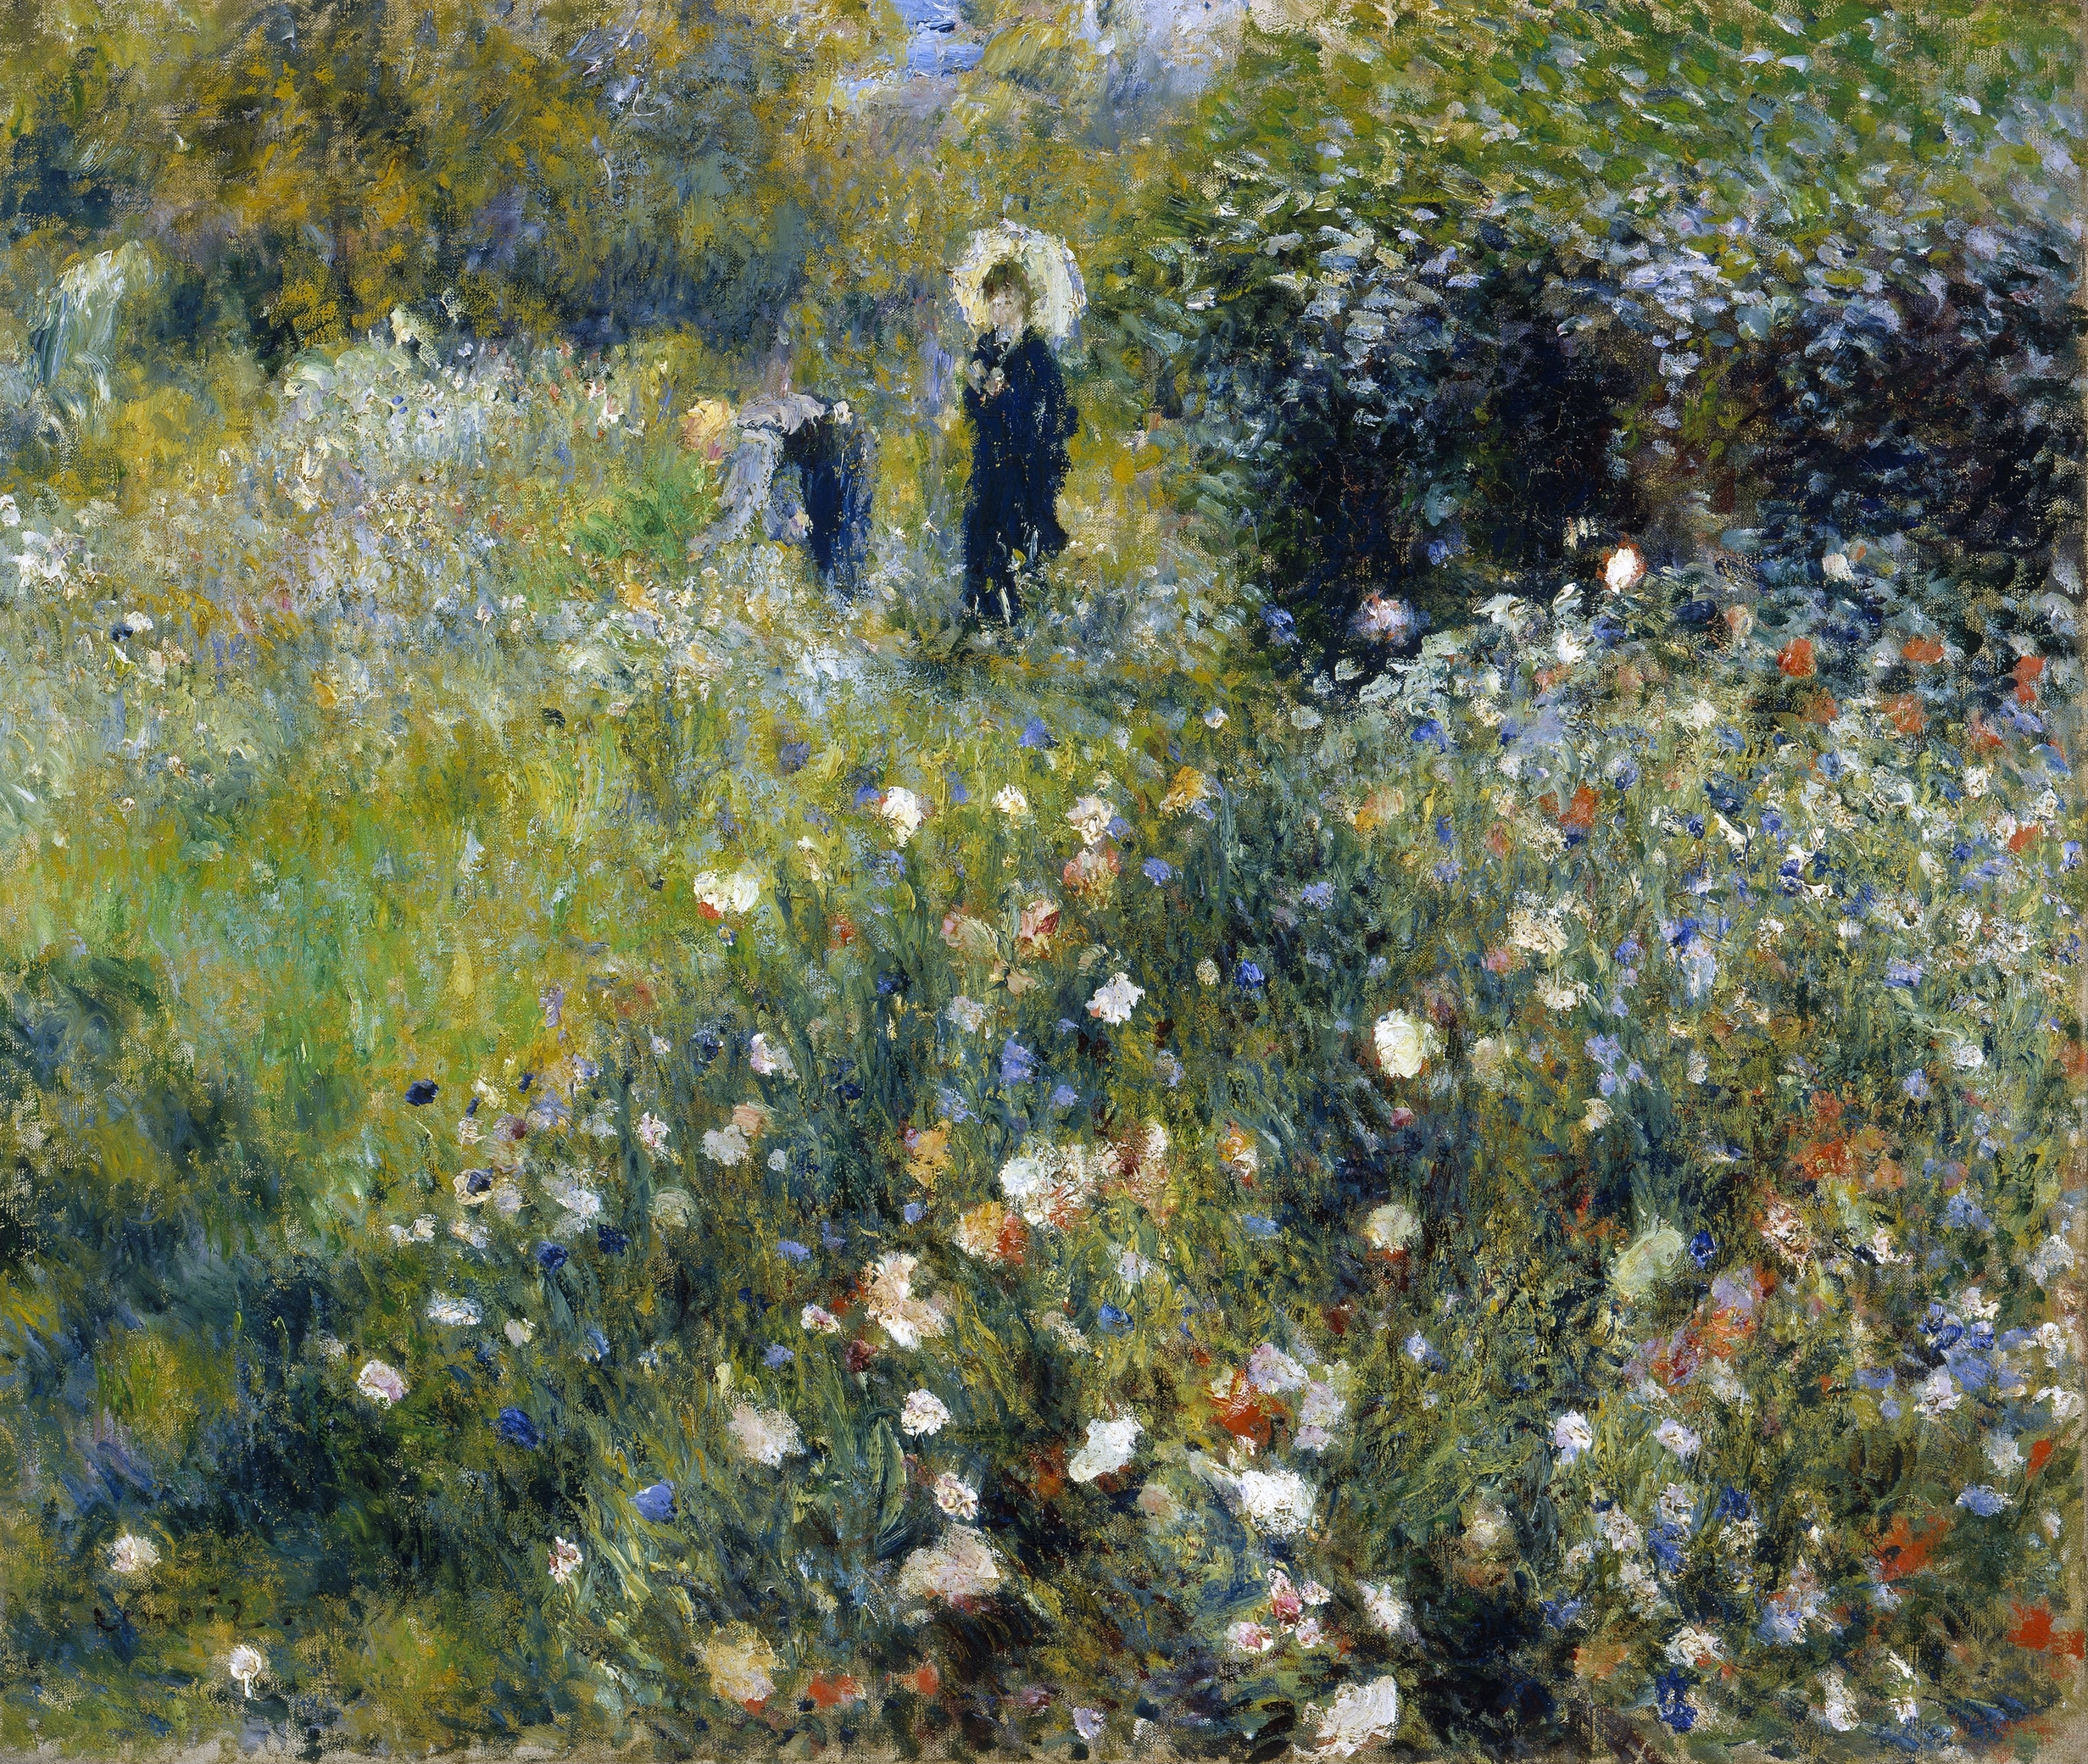 Pierre-Auguste_Renoir_-_Femme_avec_parasol_dans_un_jardin_-_Google_Art_Project.jpg